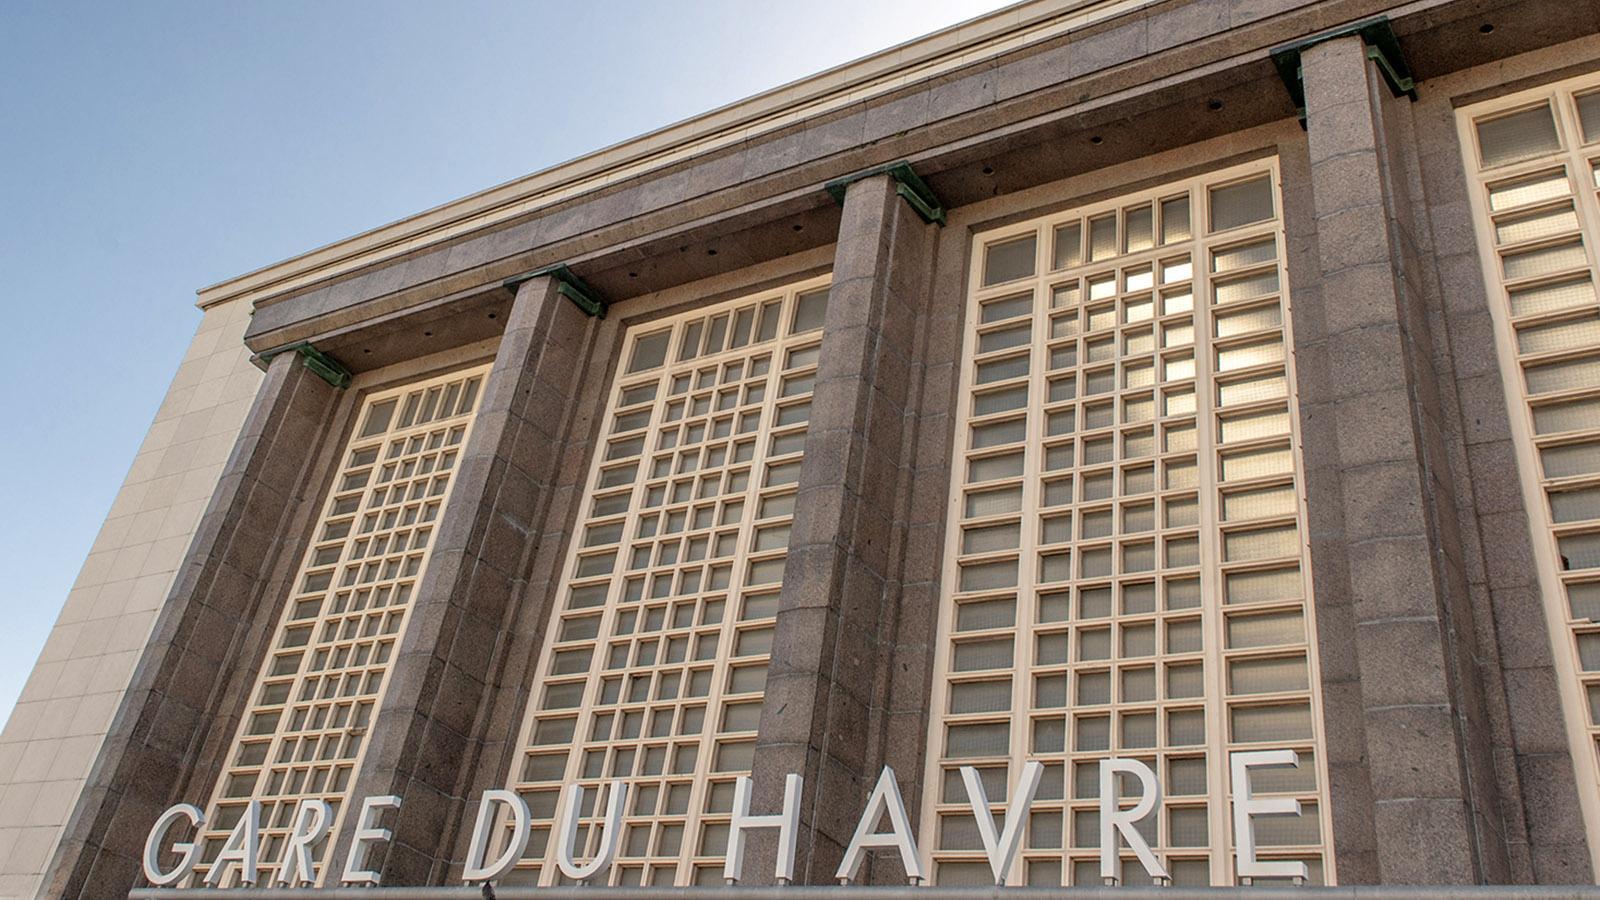 Bahn-Fahren in Frankreich: Der Bahnhof von Le Havre. Foto: Hilke Maunder